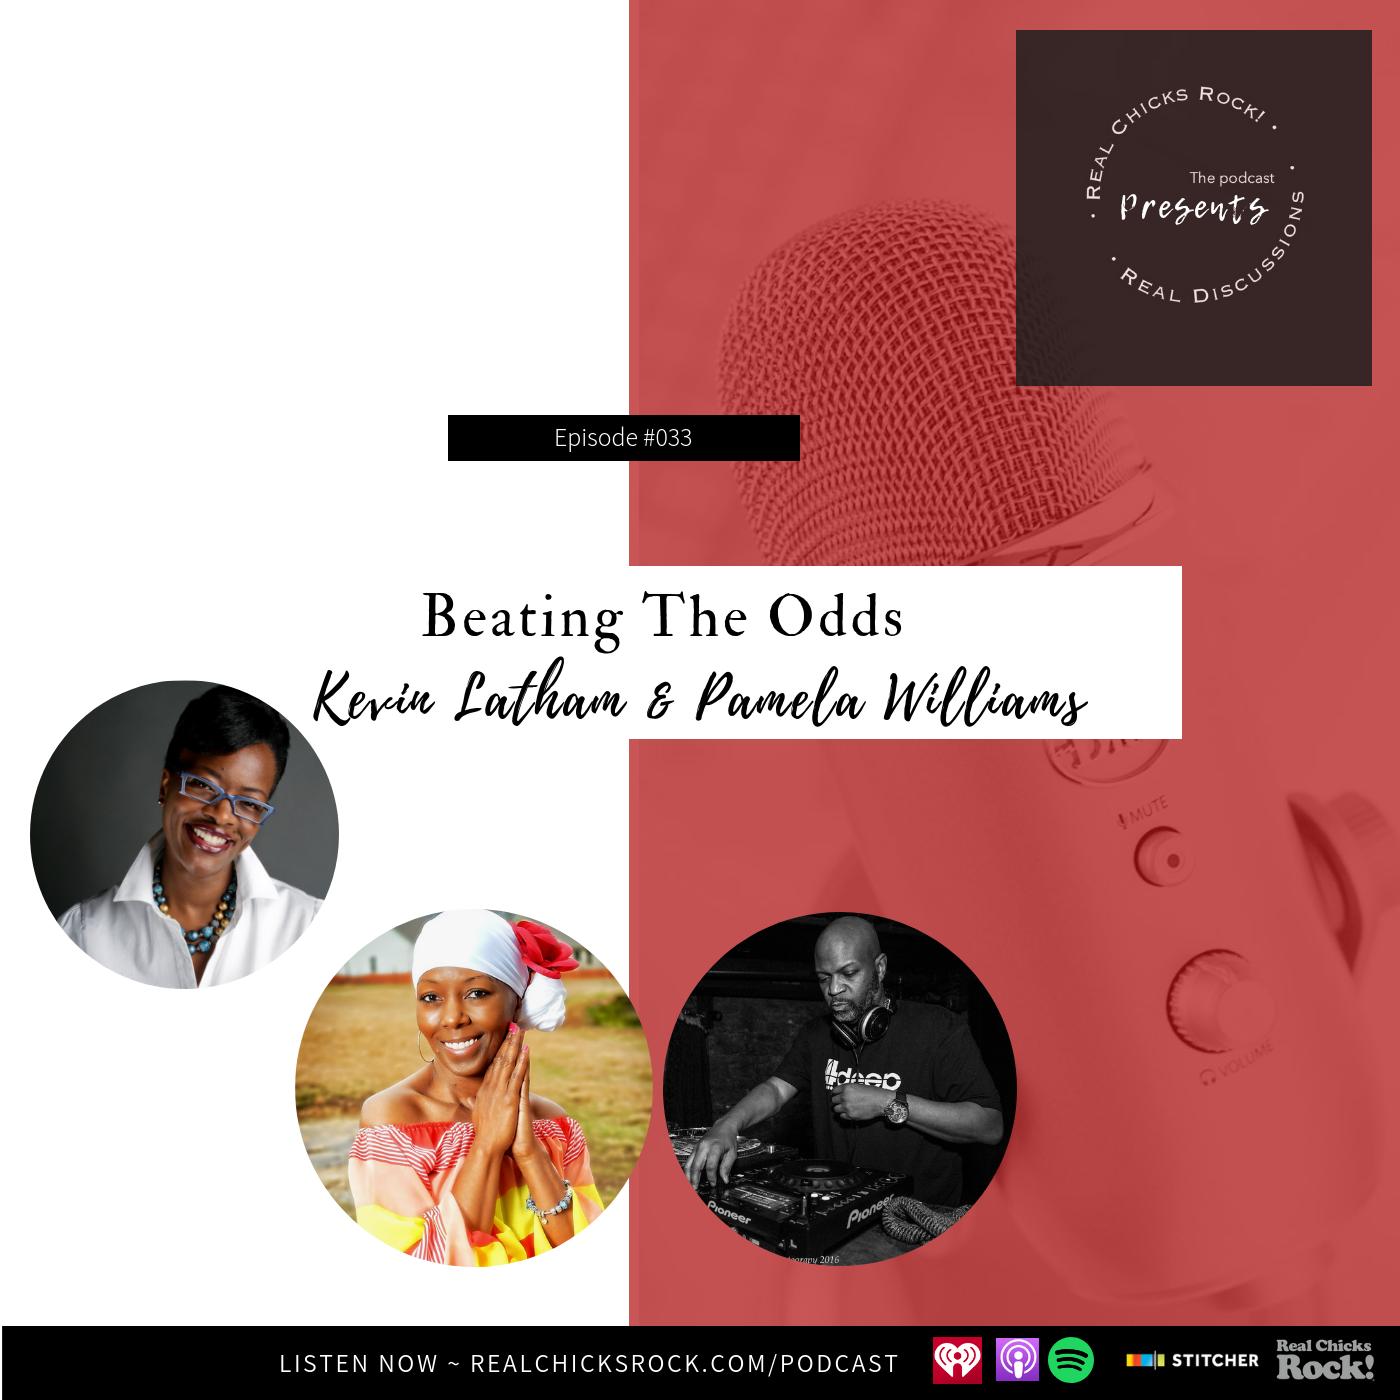 RCR Presents ArtWork for Website Podcast Page Episode 033.png